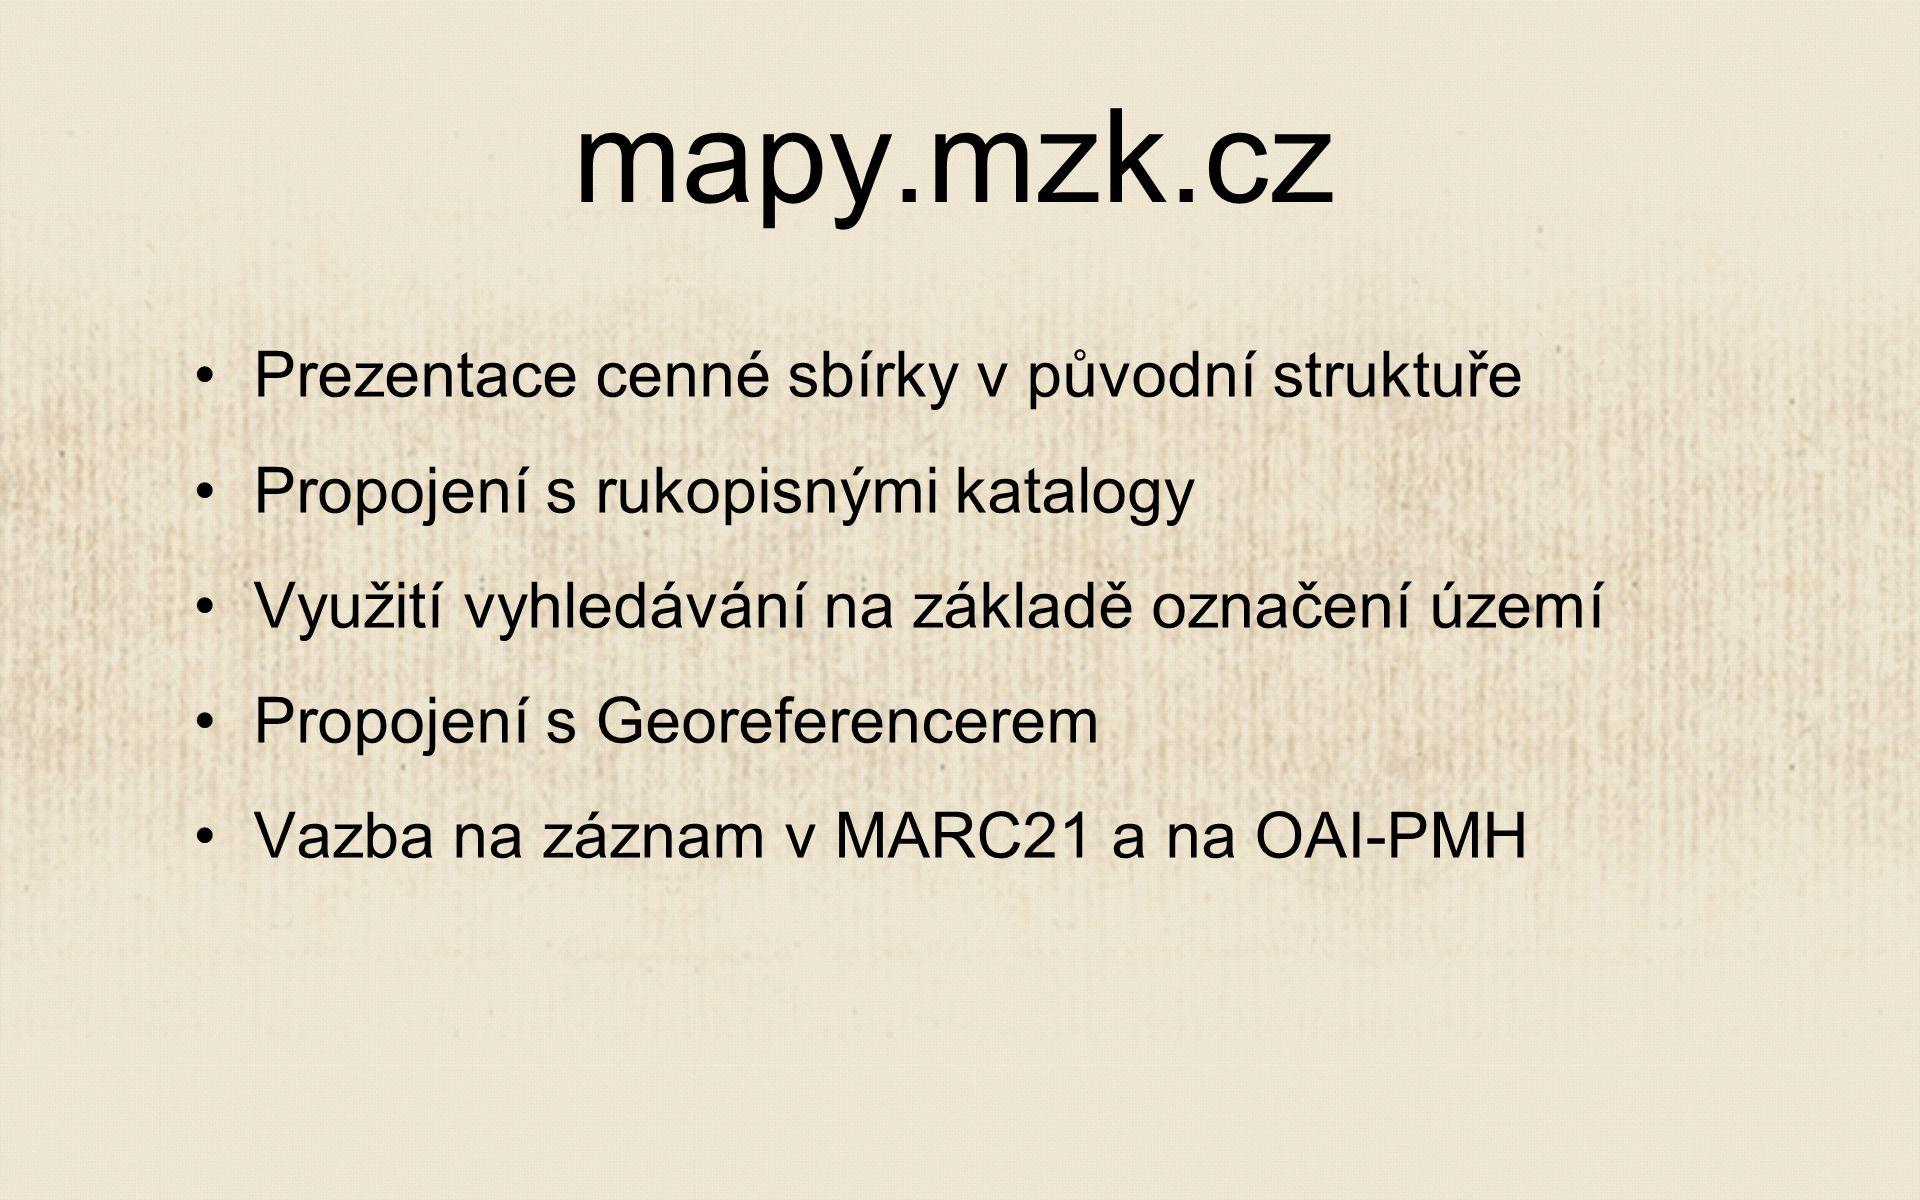 Prezentace cenné sbírky v původní struktuře Propojení s rukopisnými katalogy Využití vyhledávání na základě označení území Propojení s Georeferencerem Vazba na záznam v MARC21 a na OAI-PMH